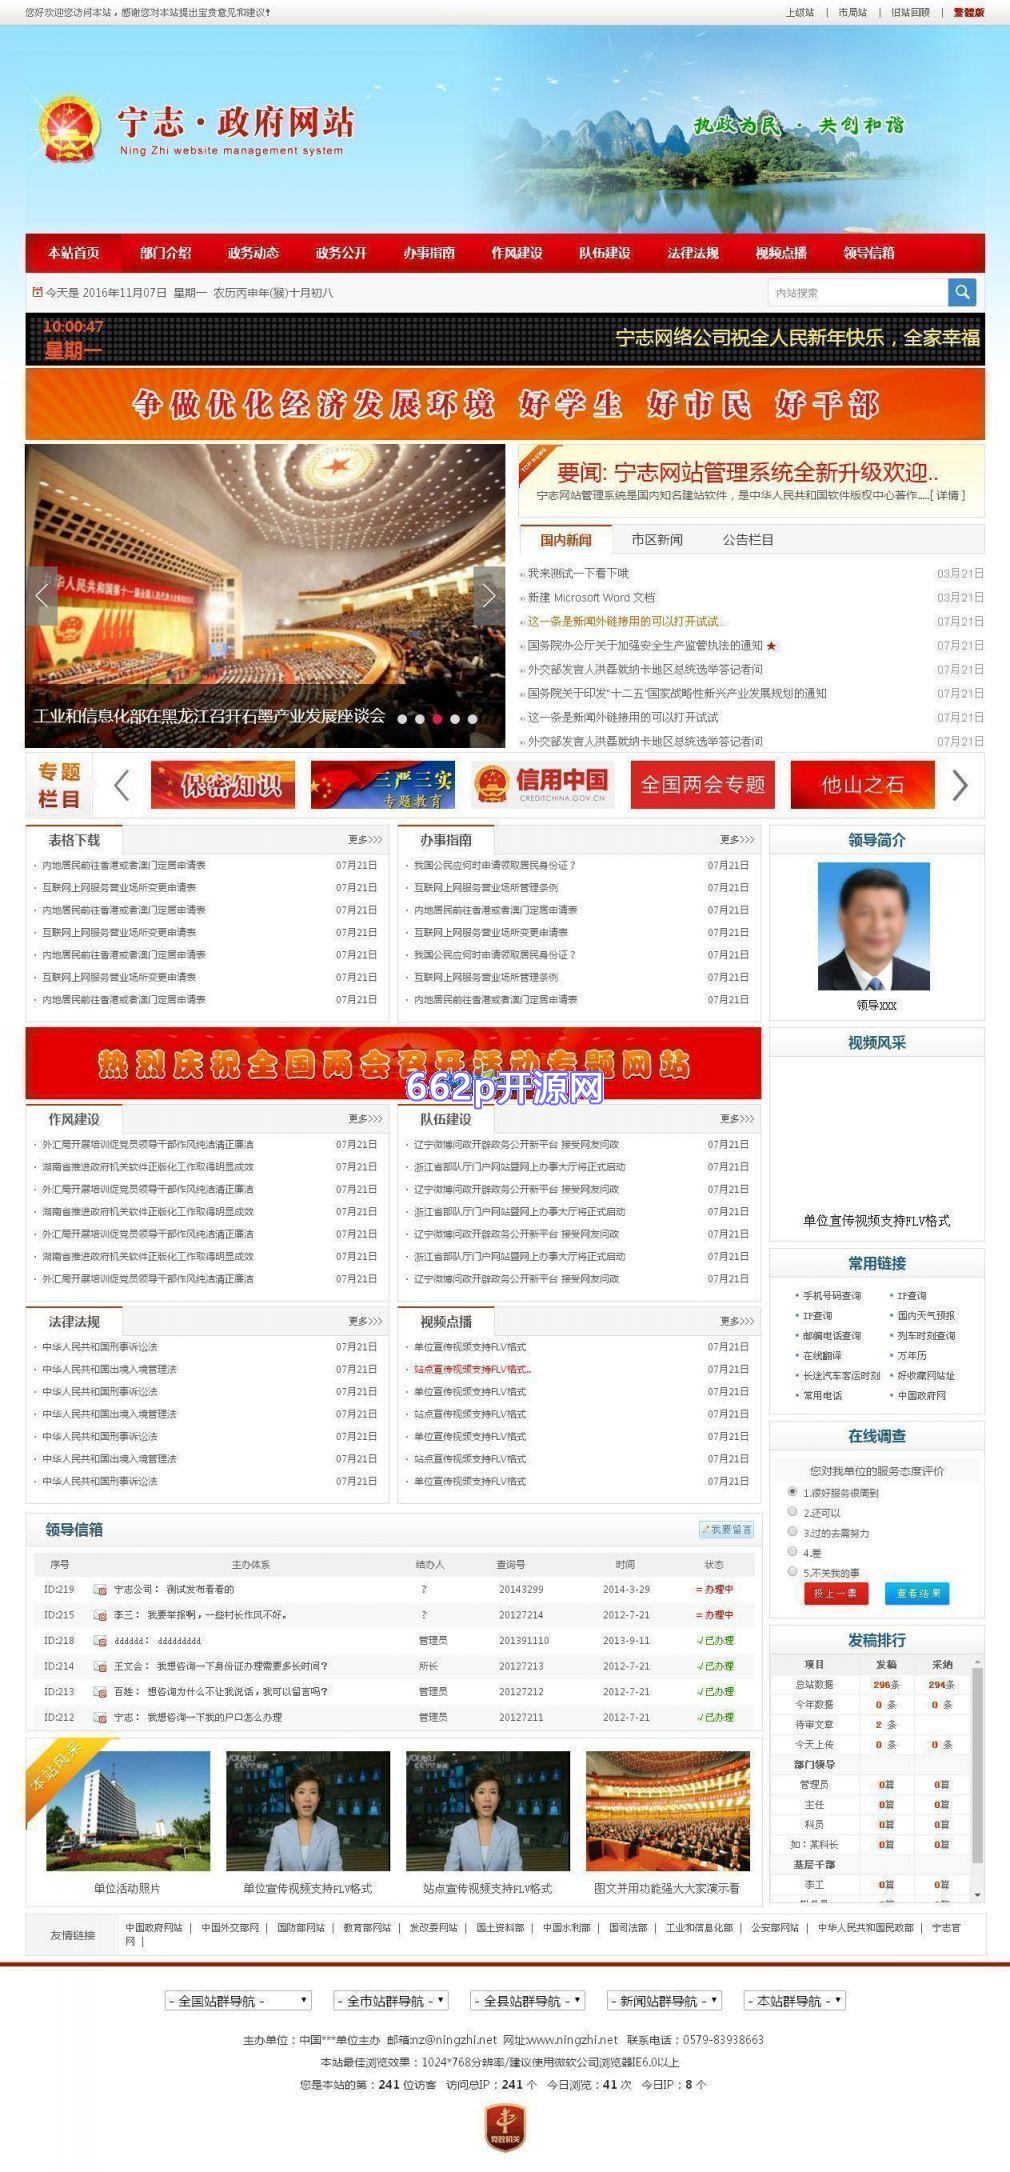 红色政府机关门户网站新